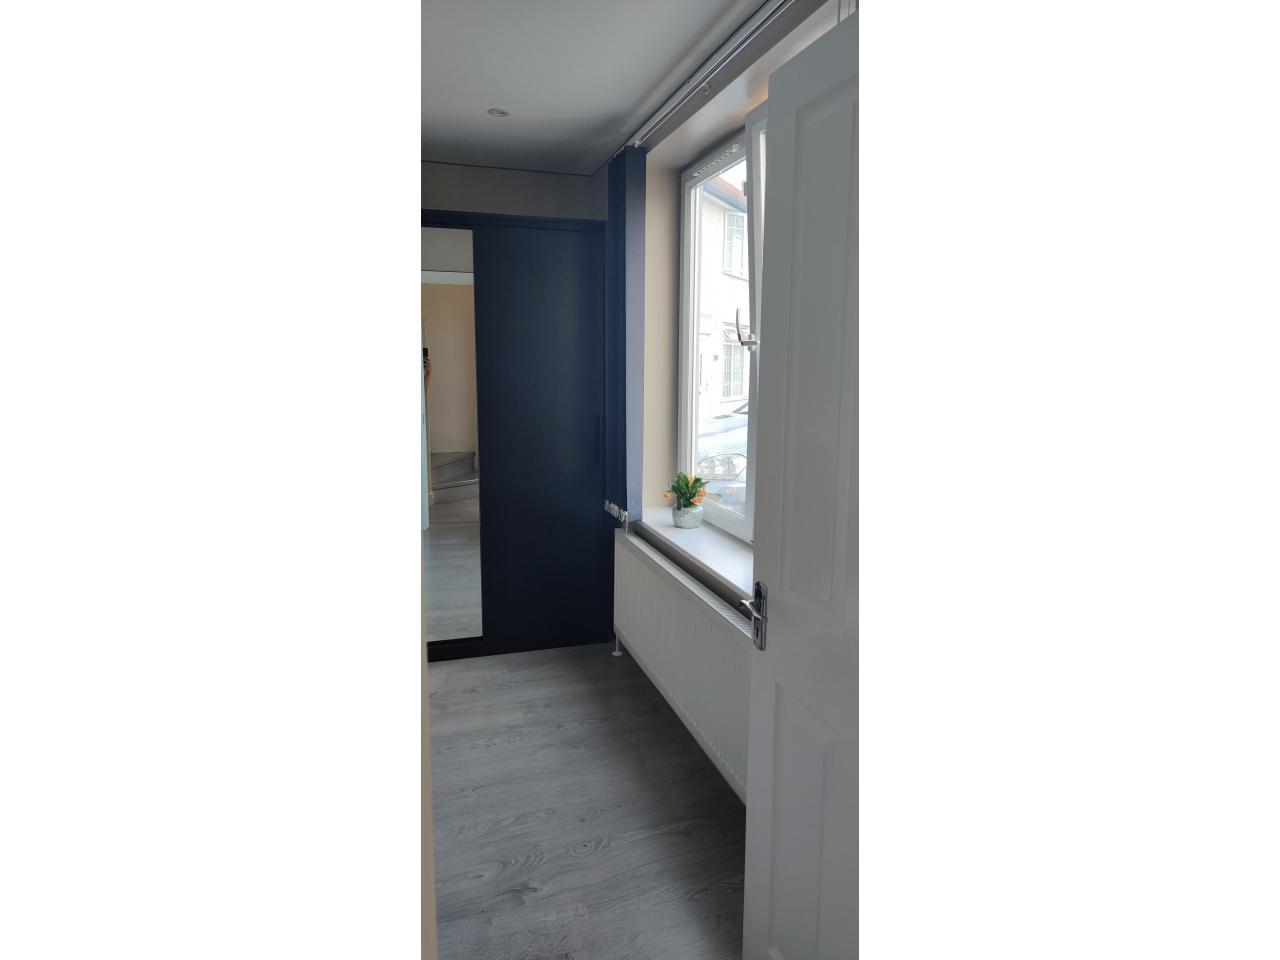 Одноместная комната в Дагенхаме - 4